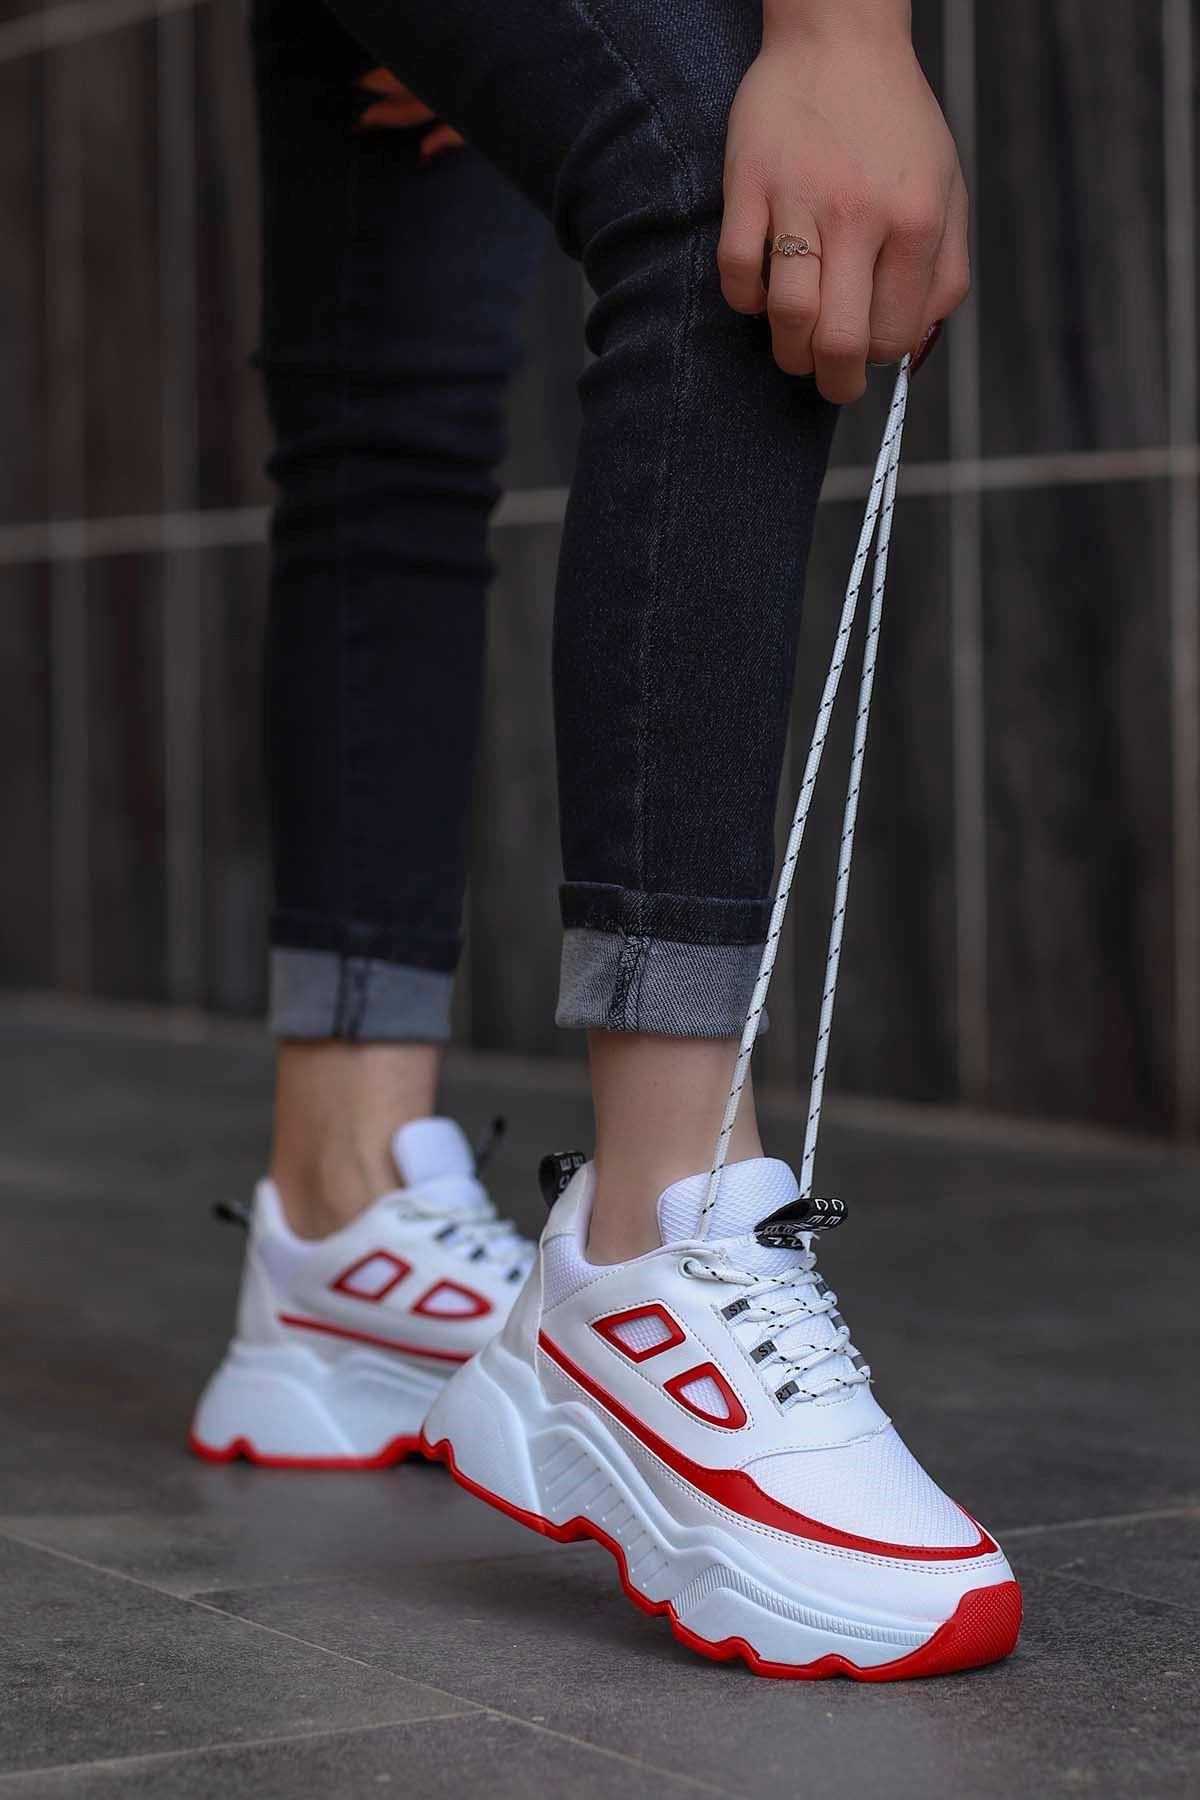 Frm-107 Spor Ayakkabı Beyaz Kırmızı Detay